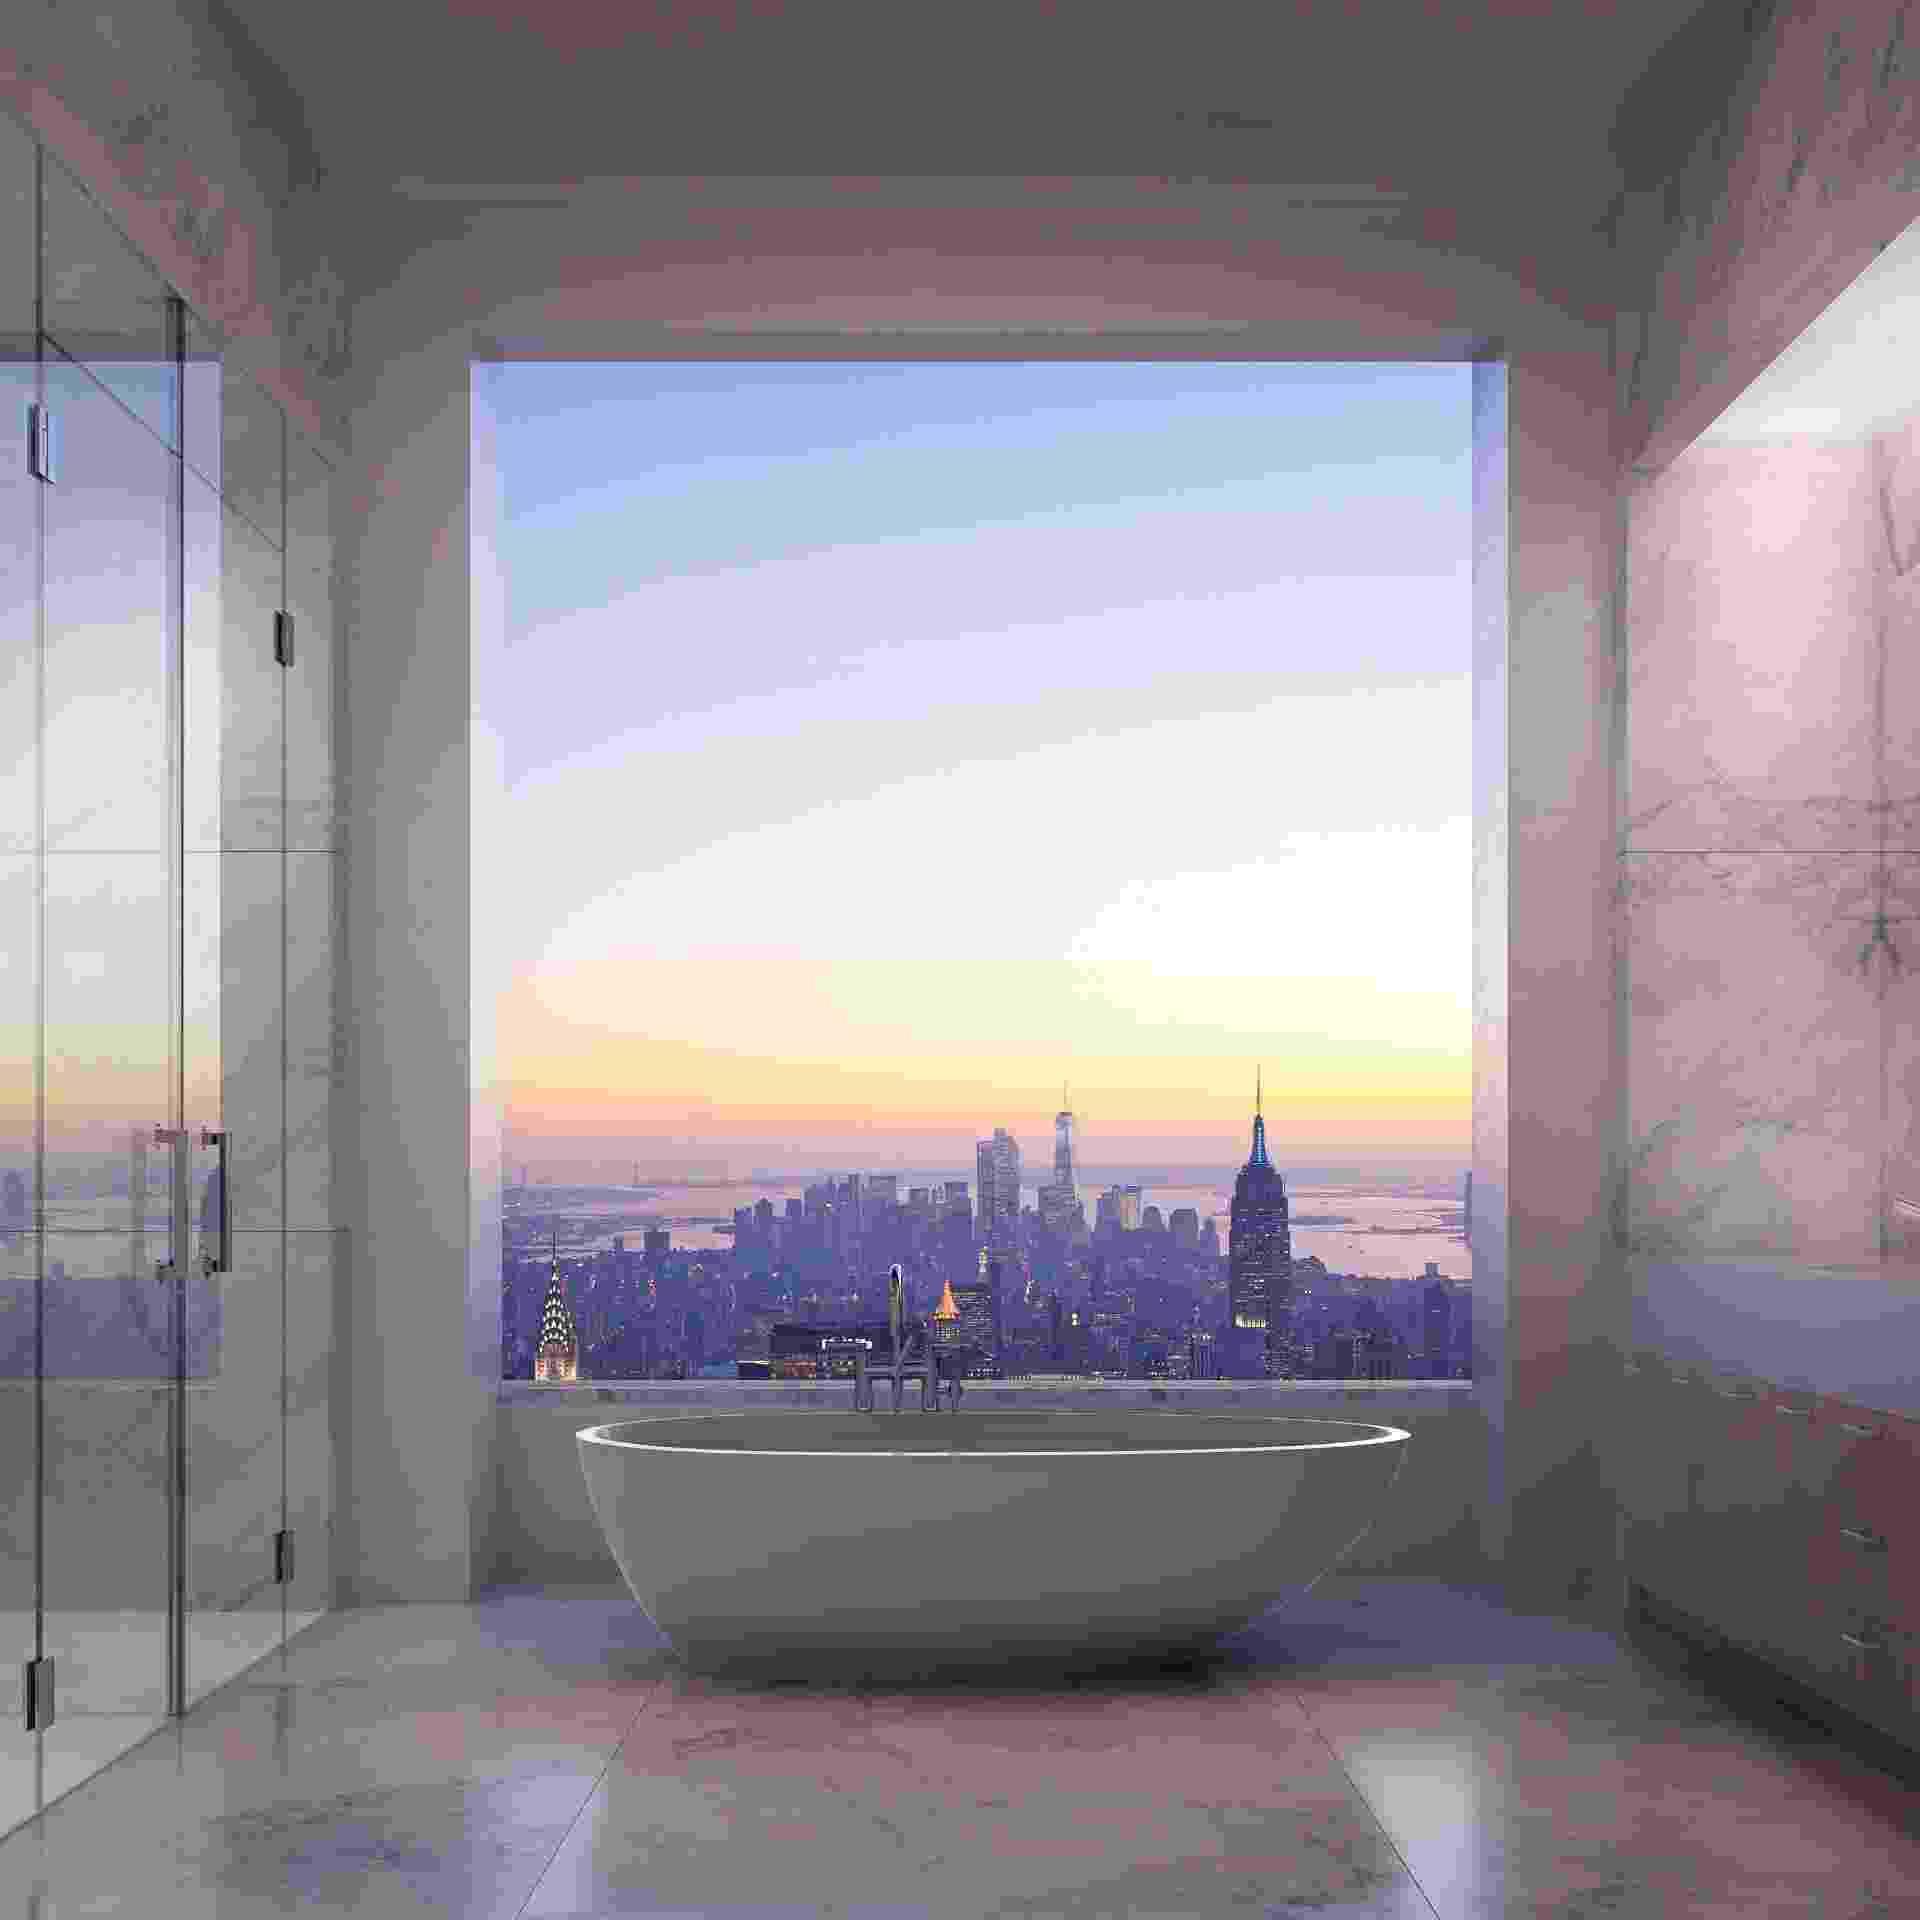 Em Manhattan, o prédio que será erguido no número 432, da Park Avenue, terá uma cobertura com vista panorâmica. O que chama a atenção no projeto é que o banheiro, revestido por mármore e de dimensões impactantes, terá uma banheira posicionada em frente a um pano de vidro - Imagem do NYT, usar apenas no respectivo material - DBOX for CIM Group & Macklowe Properties/ The New York Times